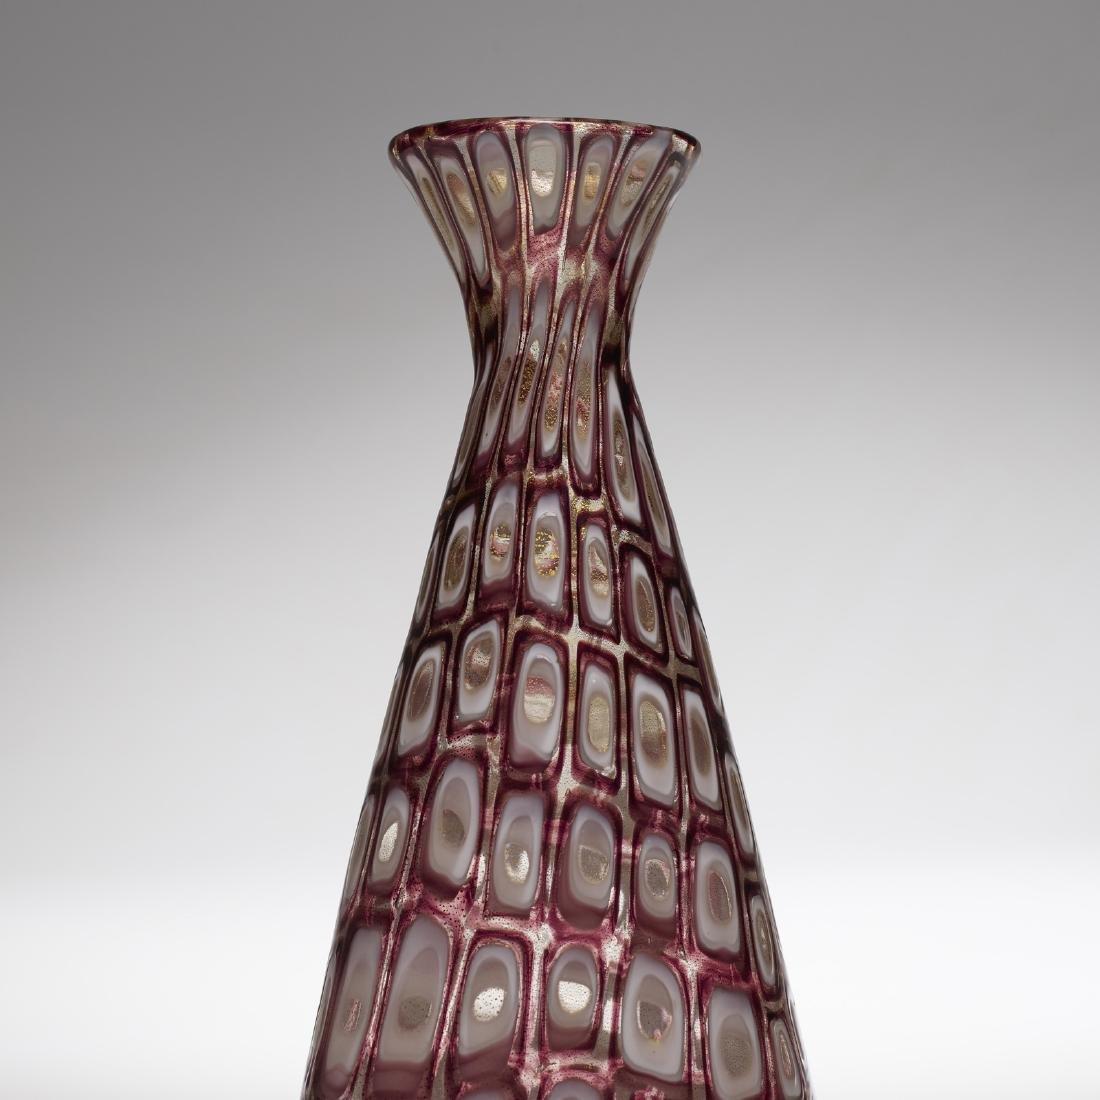 Ercole Barovier, Murrino vase - 2